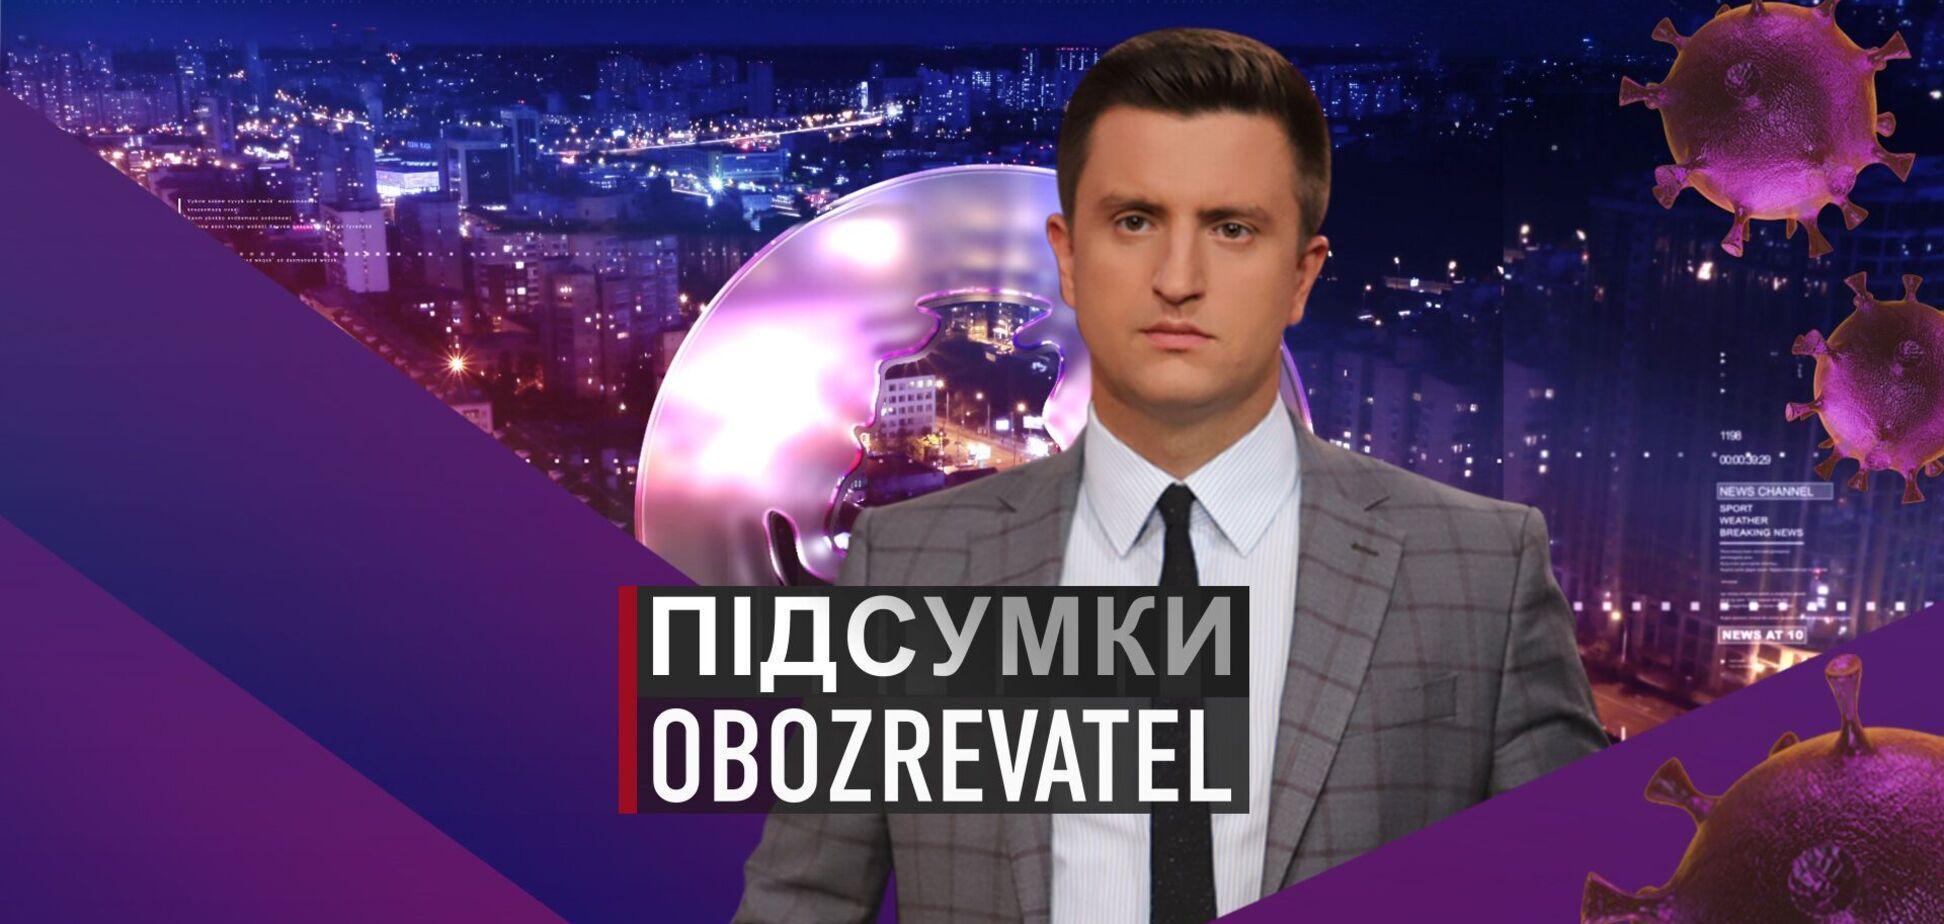 Підсумки с Вадимом Колодийчуком. Четверг, 6 мая